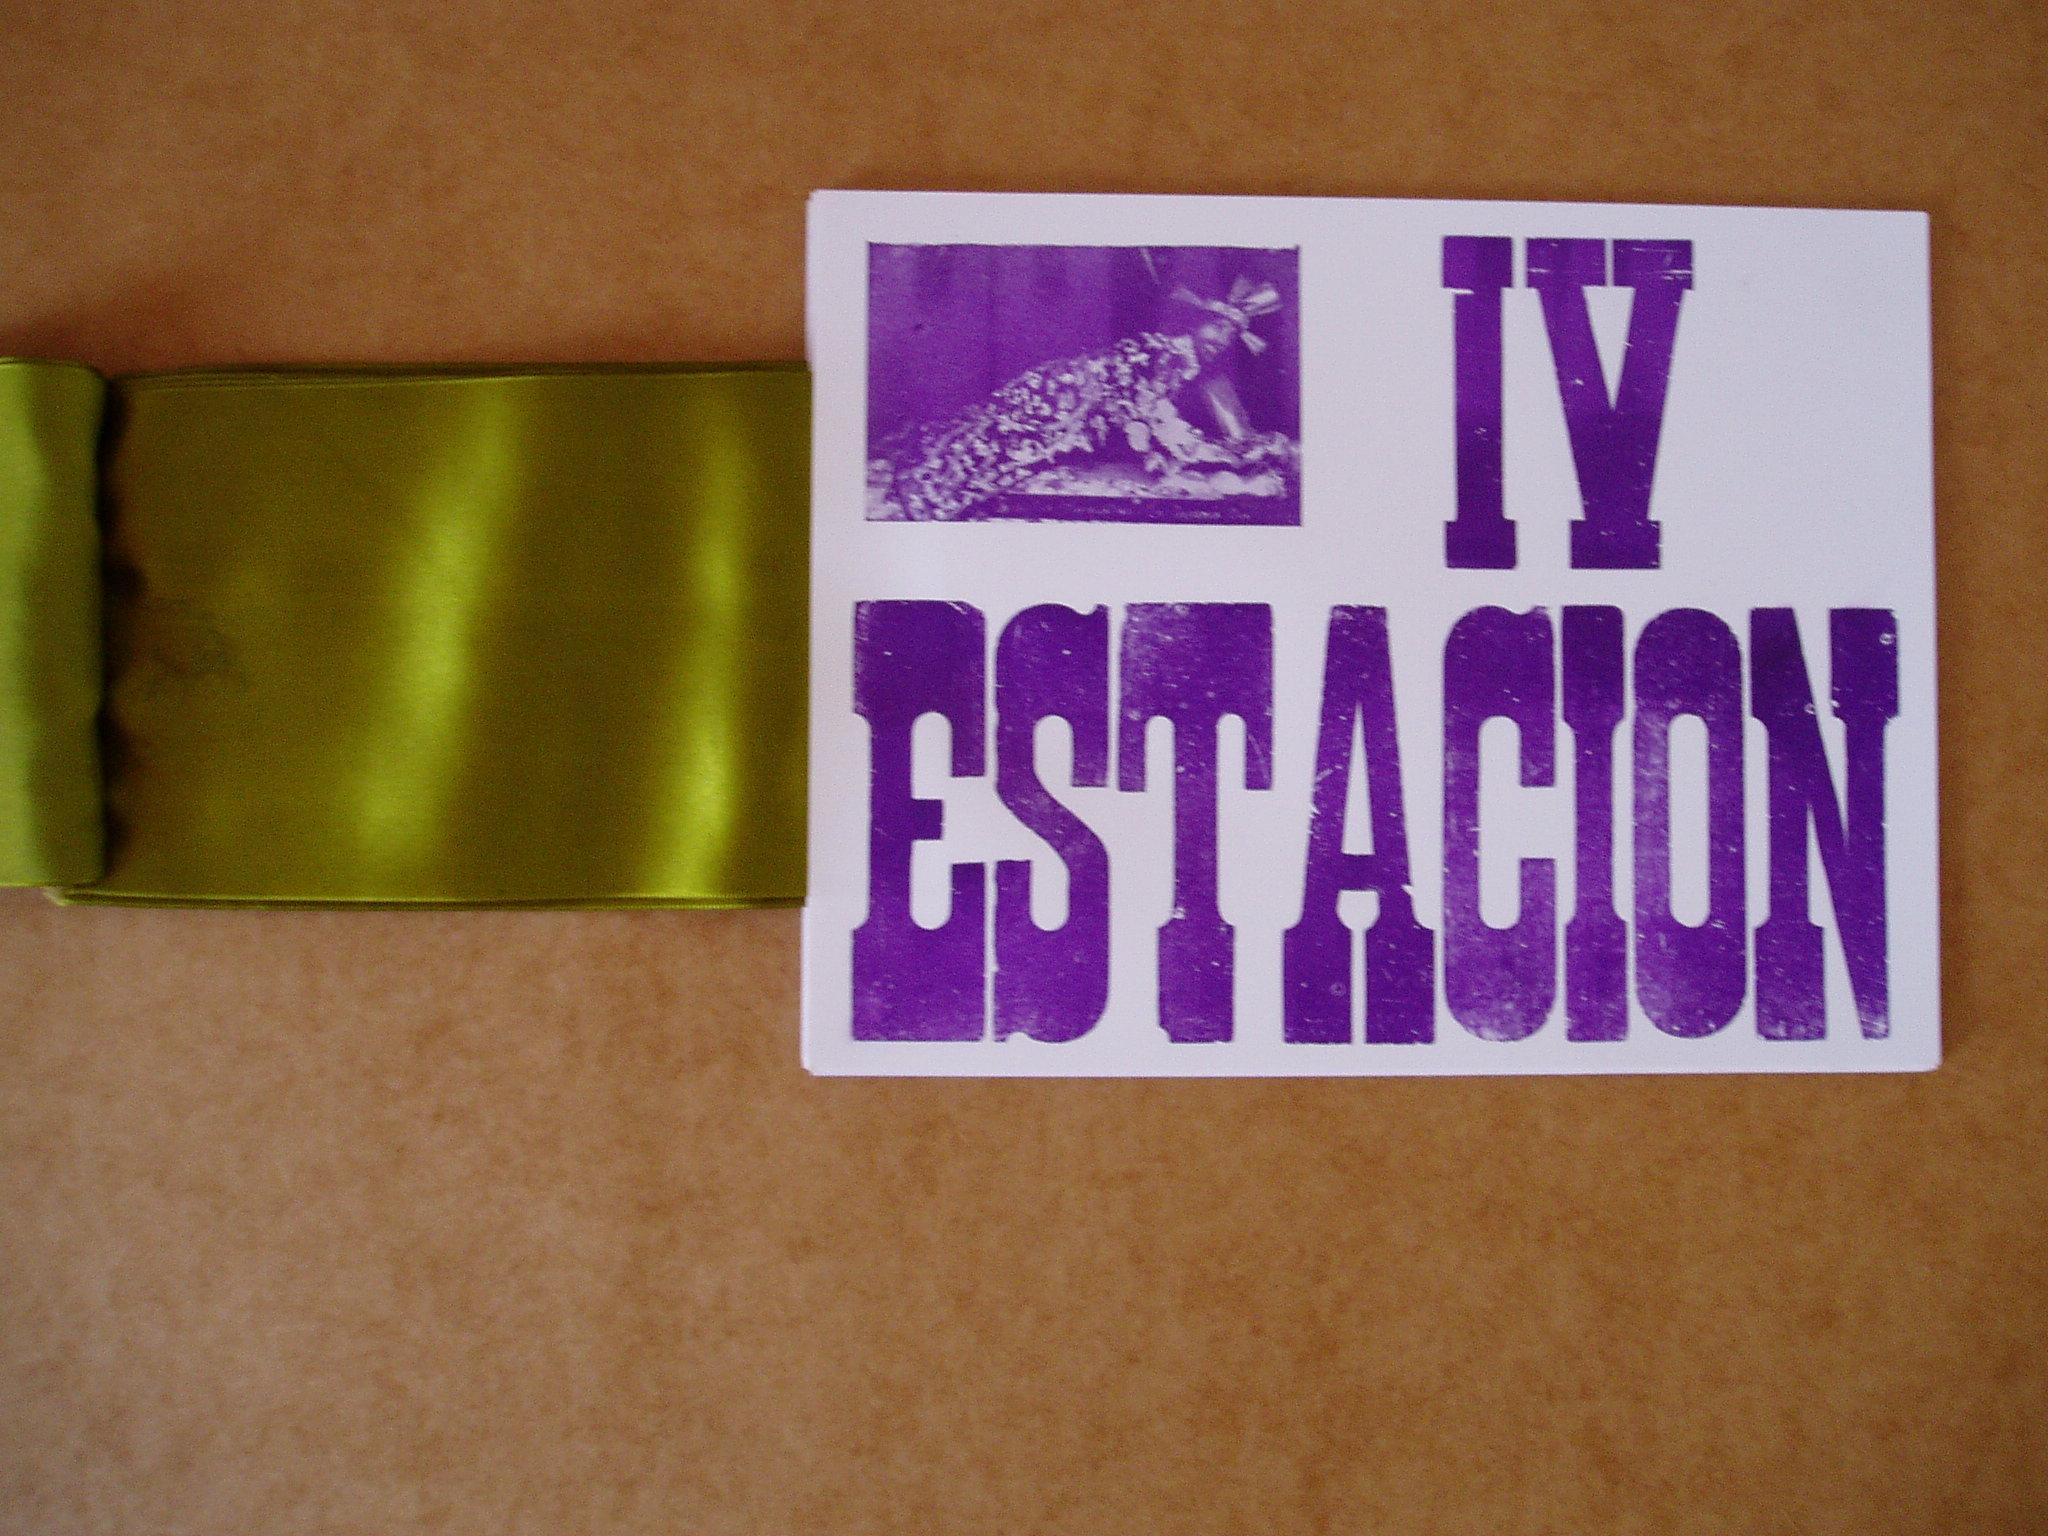 04. IV Estacion.JPG